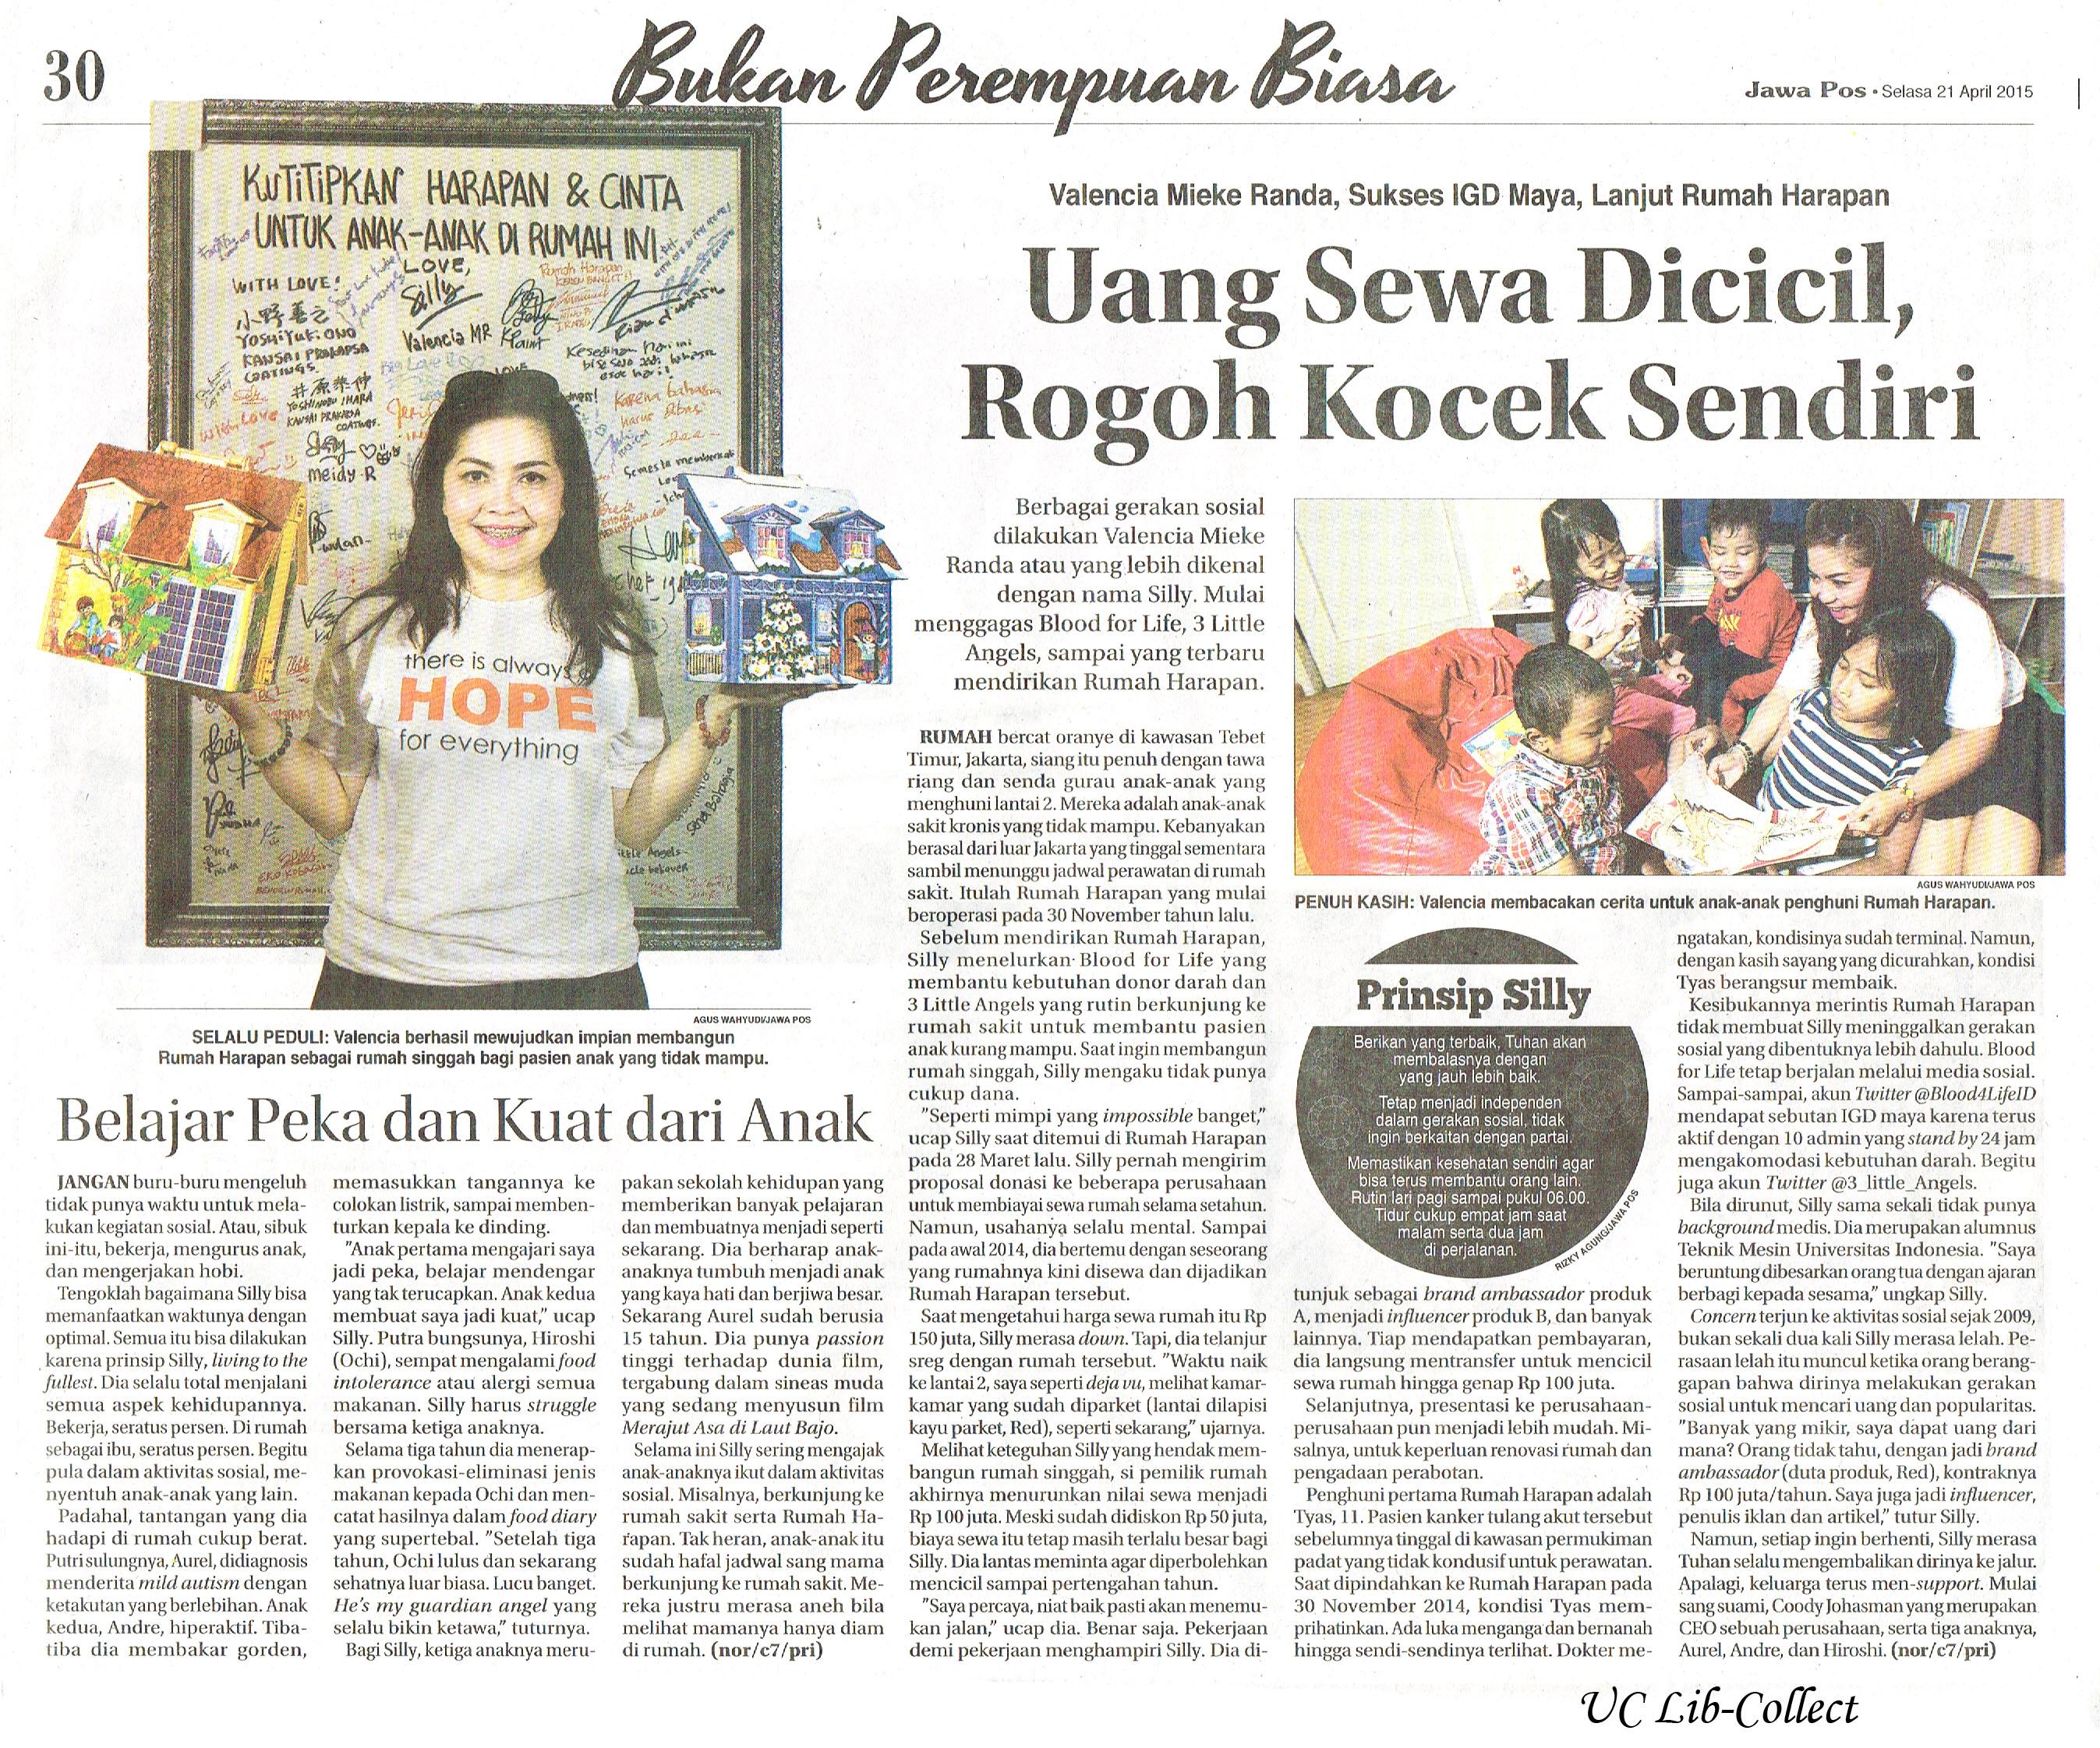 Valencia Mieke Randa, Sukses IGD Maya, LAnjut Rumah Harapan. Jawa Pos. 21 April 2015.Hal.30